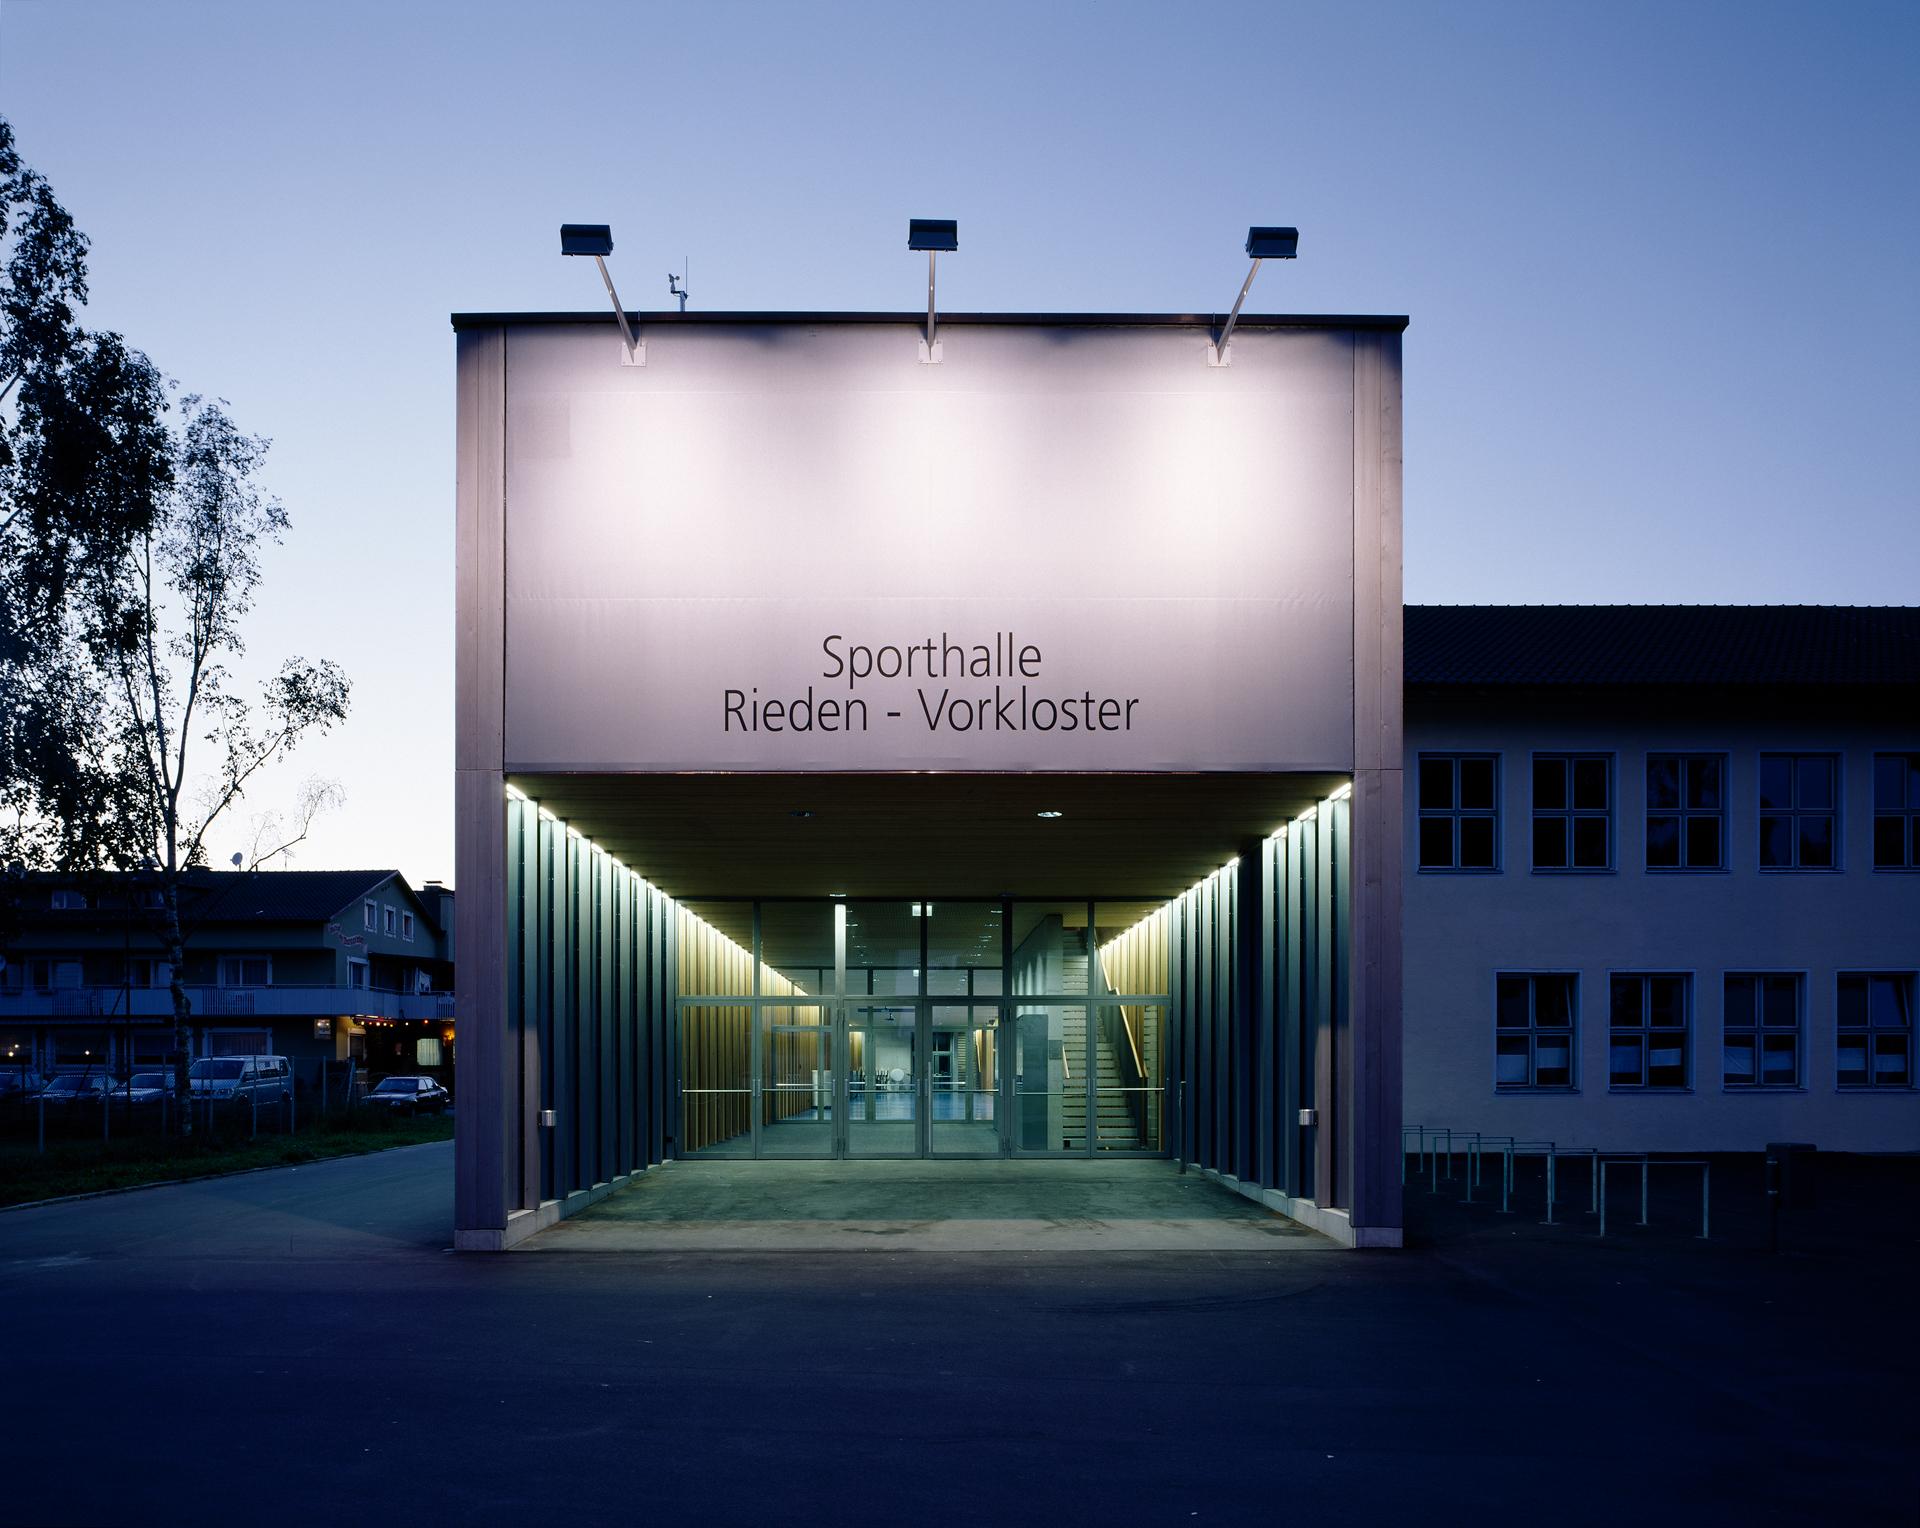 4000_Sporthalle-Rieden-Vorkloster_FOTO_Sporthalle_Rieden_13_ex_Eingang_Bruno-Klomfar